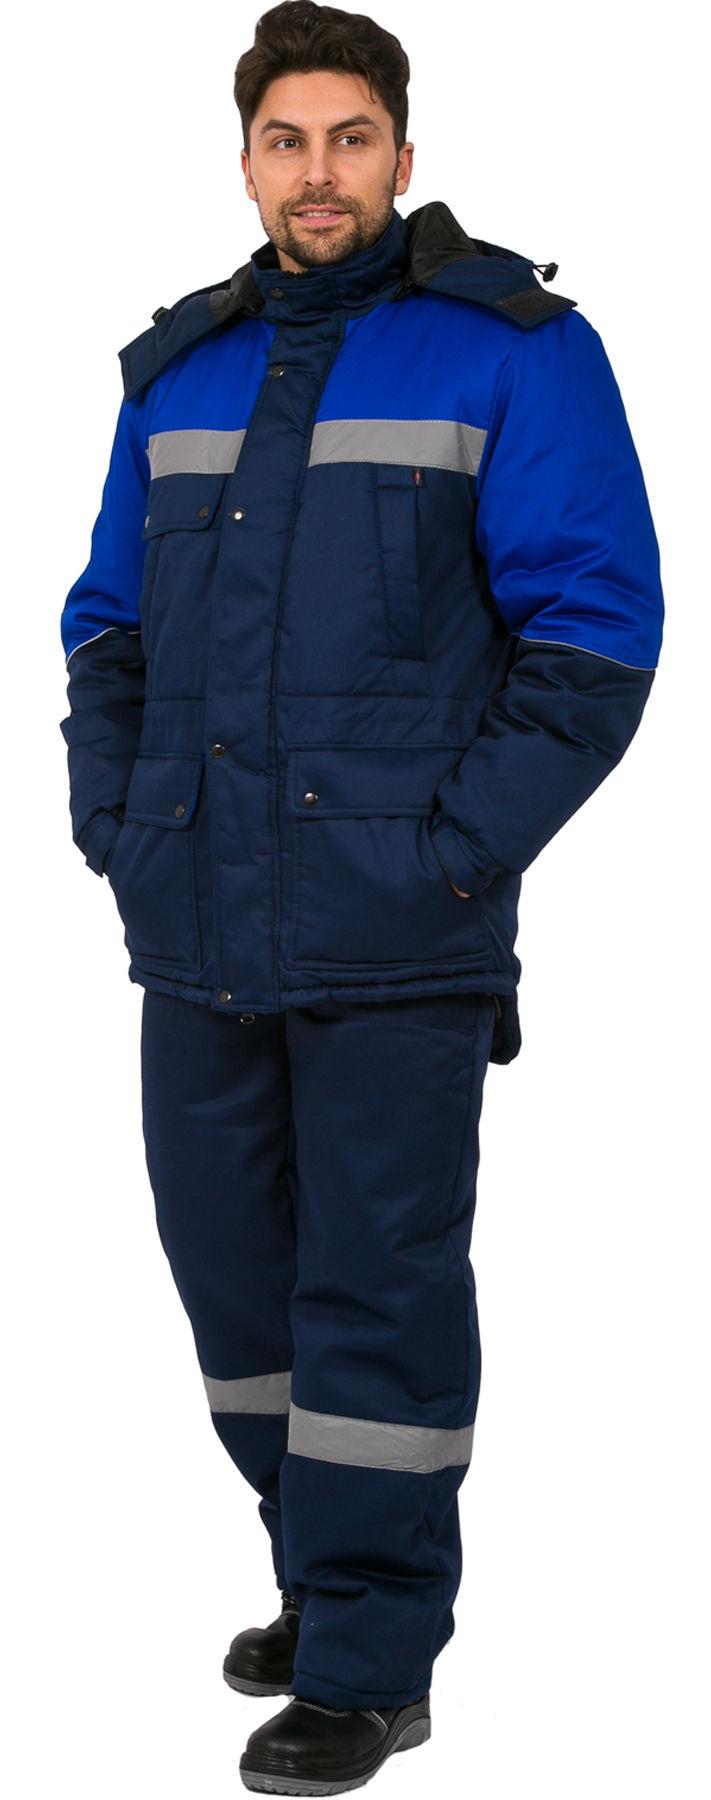 Костюм зимний Сибер СОП (тк.Балтекс,210) п/к, т.синий/васильковый